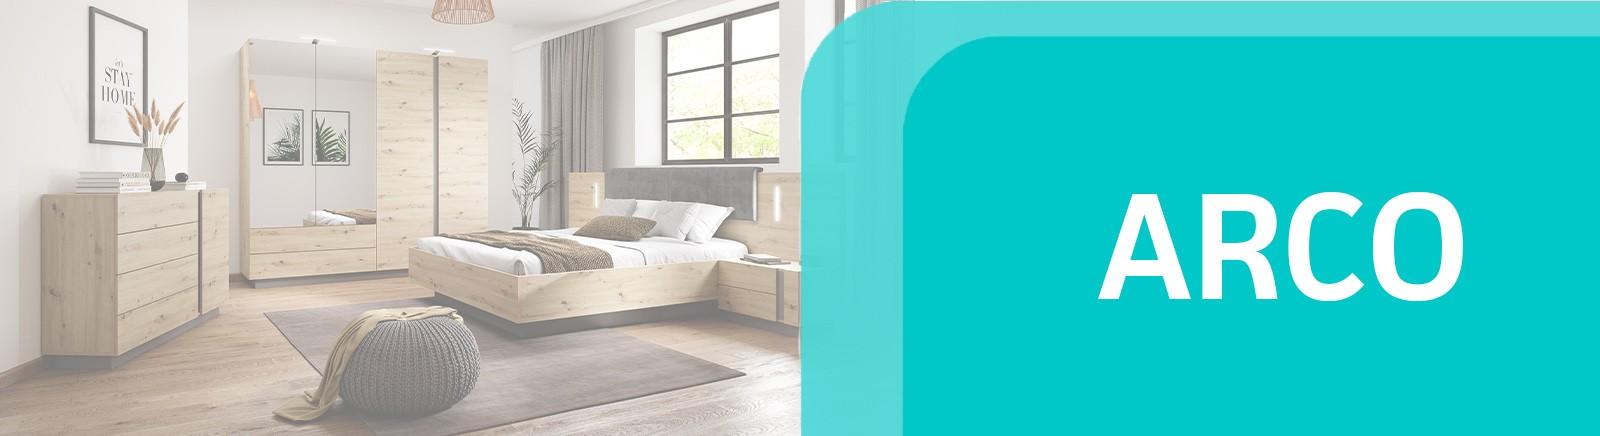 Arco bedroom set